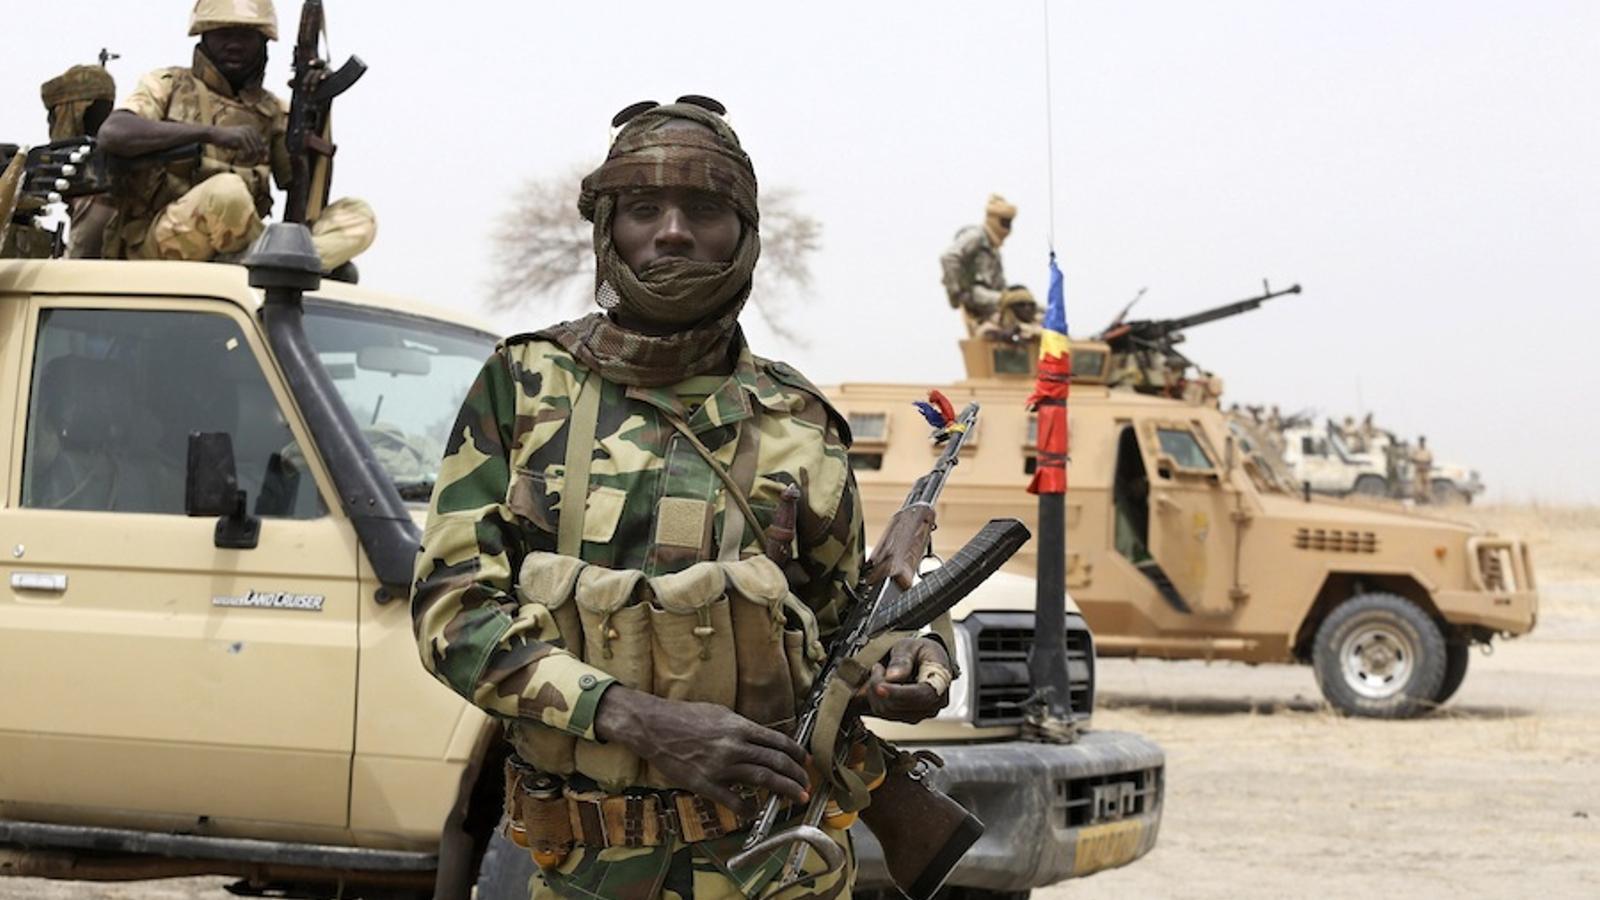 Un soldat del Txad posa durant una batalla contra Boko Haram. REUTERS